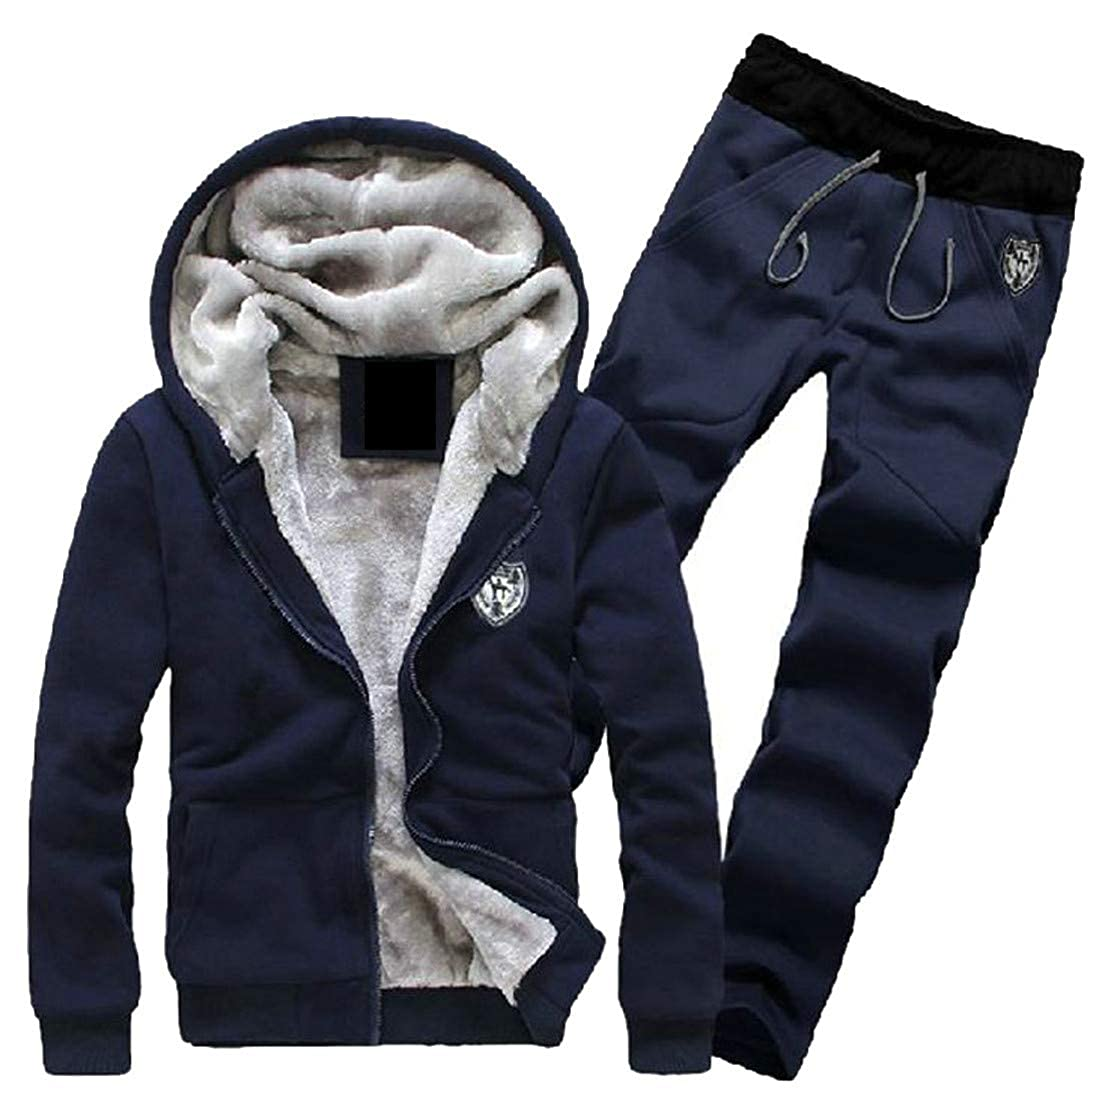 Cromoncent Men Winter Fleece Zip-up Hooded Sweatshirt and Pants Sweatsuit Set